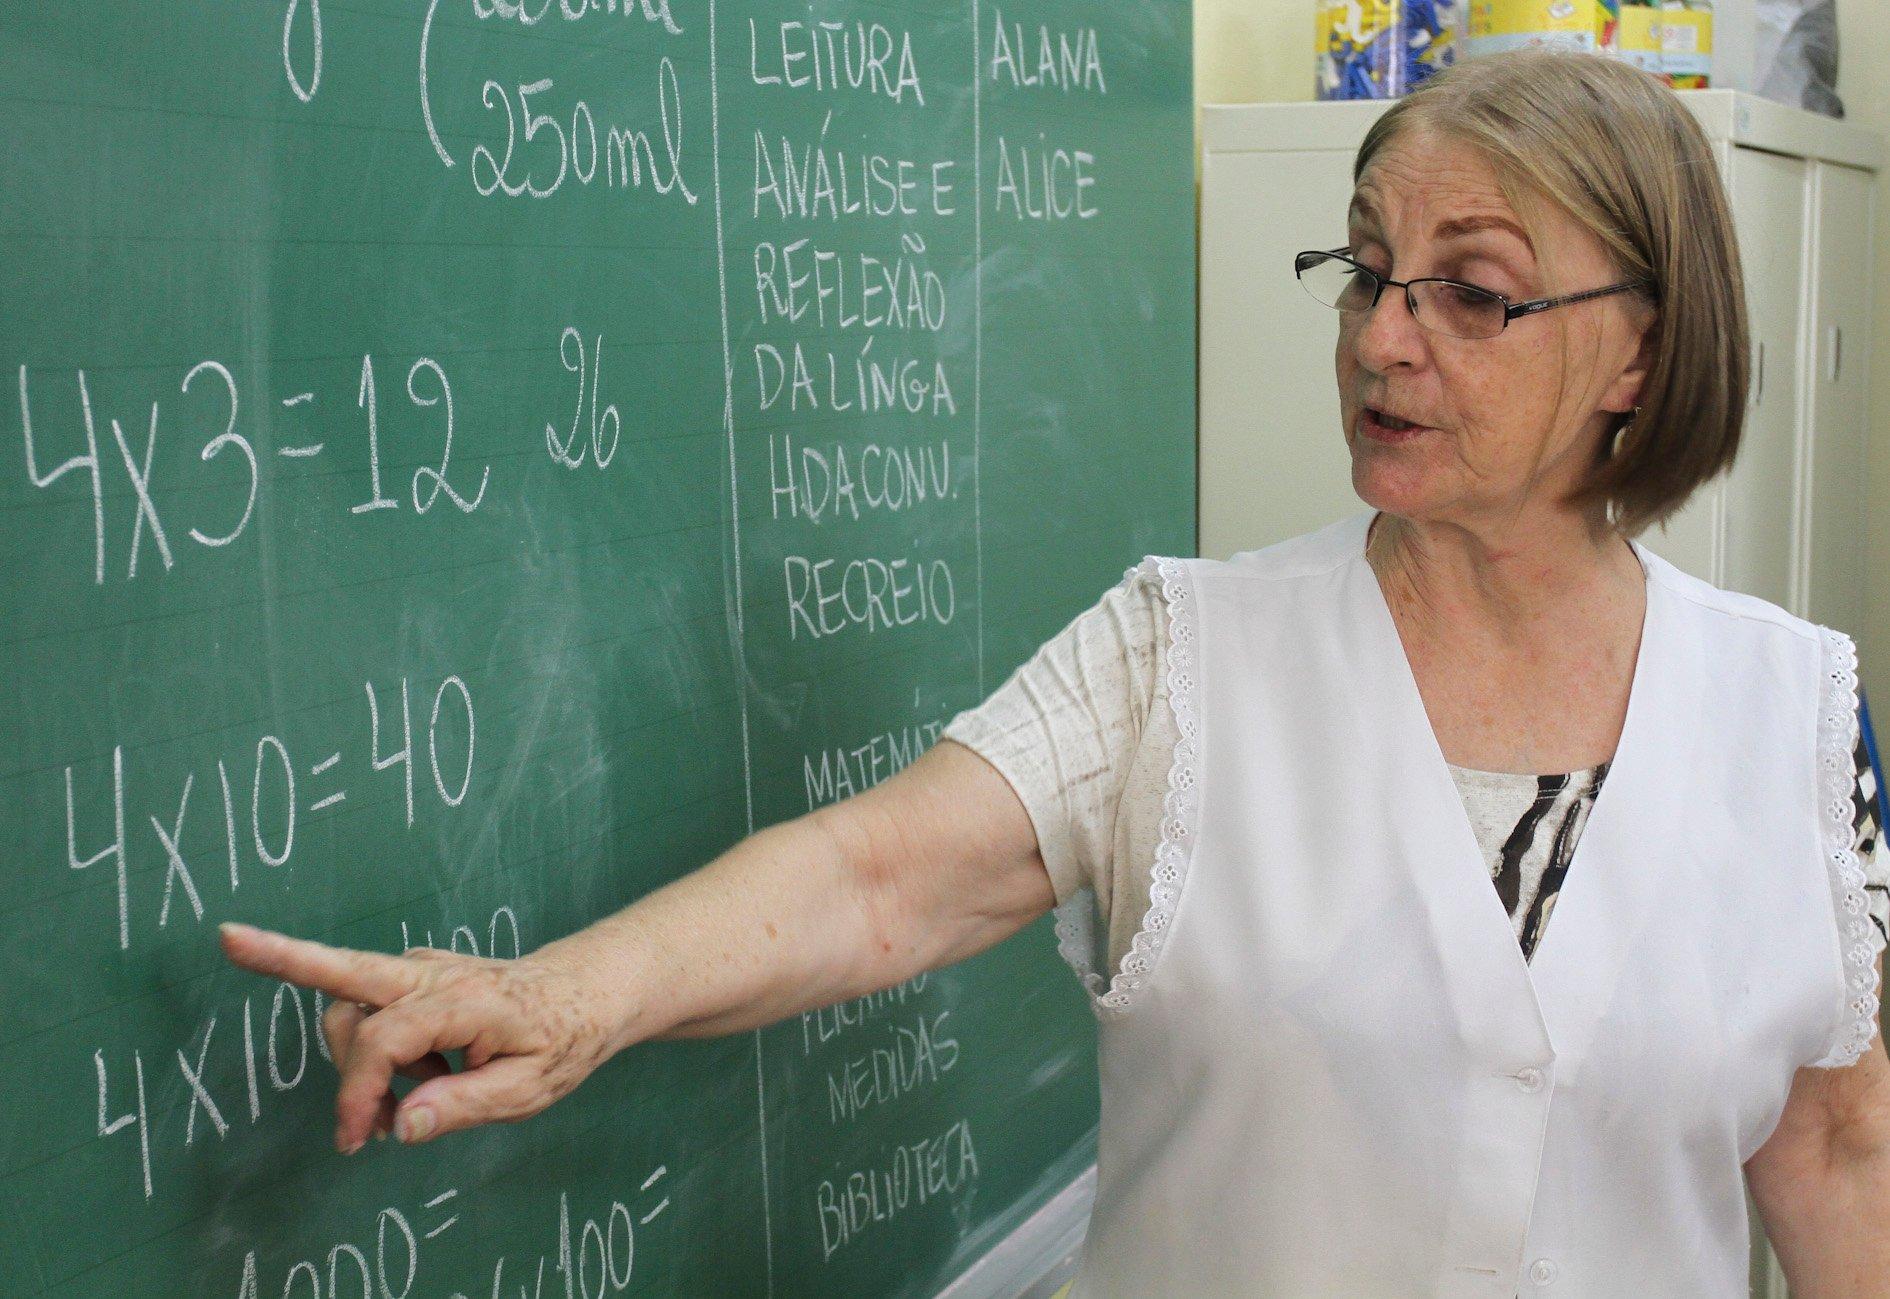 Alunos da E.E. Ludovina Credidio Peixoto, especial professor aulas de matemática, educação física e ciências. Local: São Paulo/ SP Foto: Rafael Lasci/A2 Fotografia Data: 08/10/2012